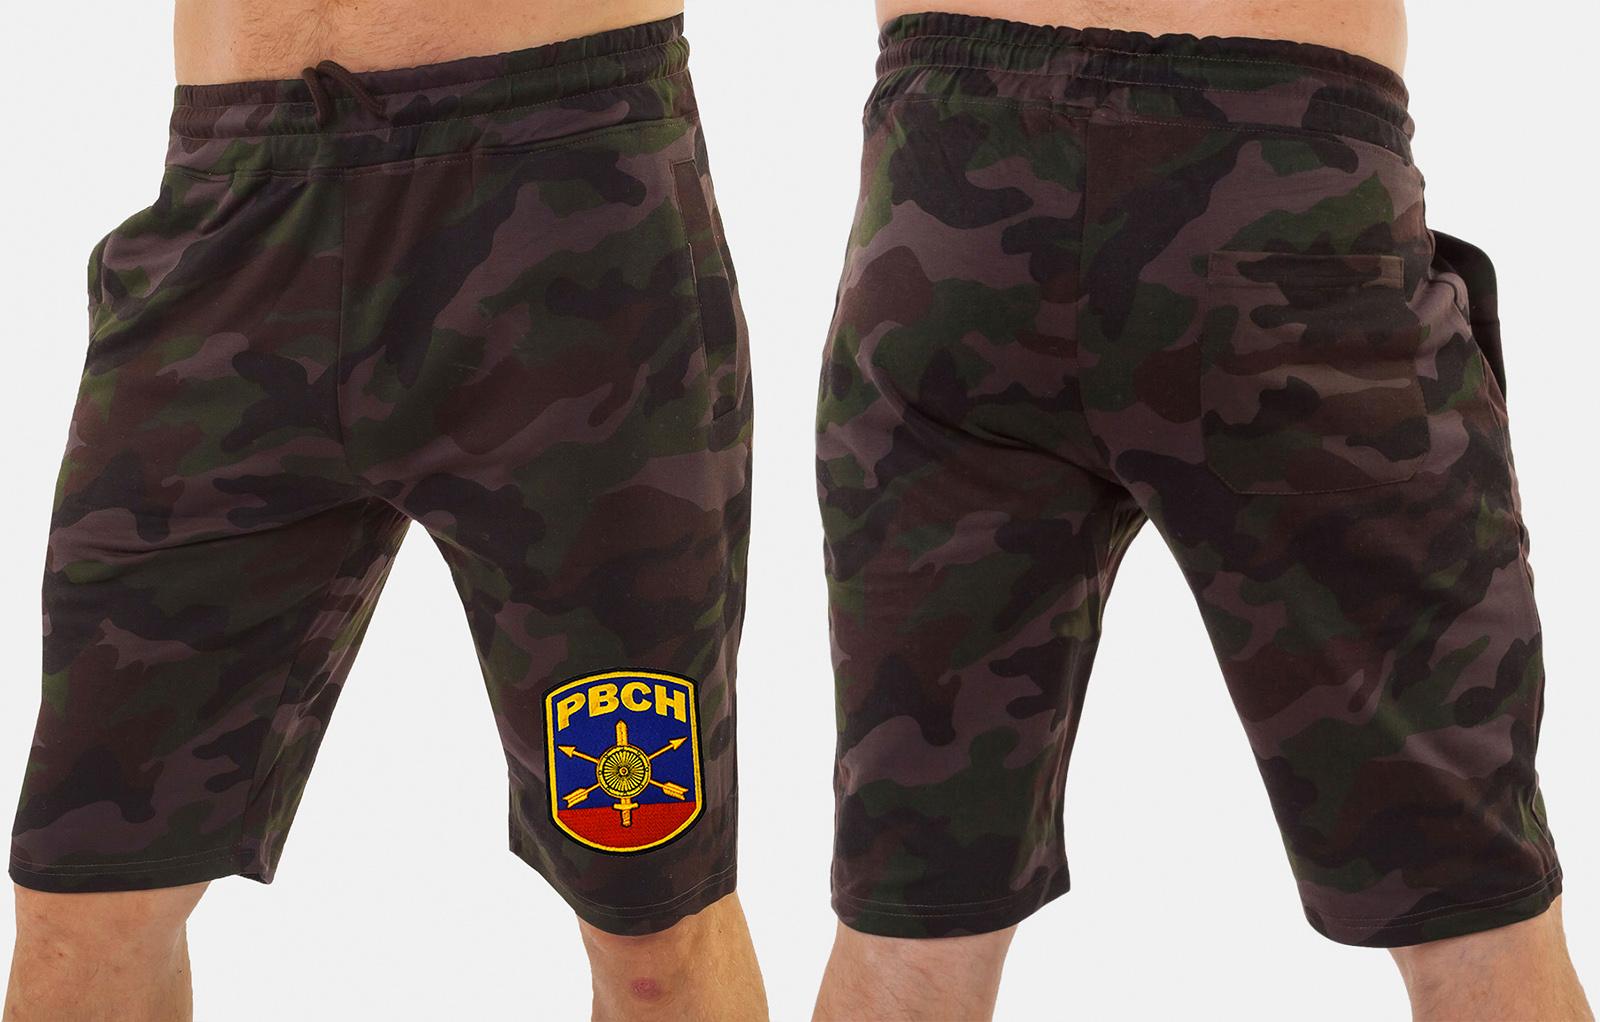 Камуфляжные мужские шорты с нашивкой РВСН - купить с доставкой